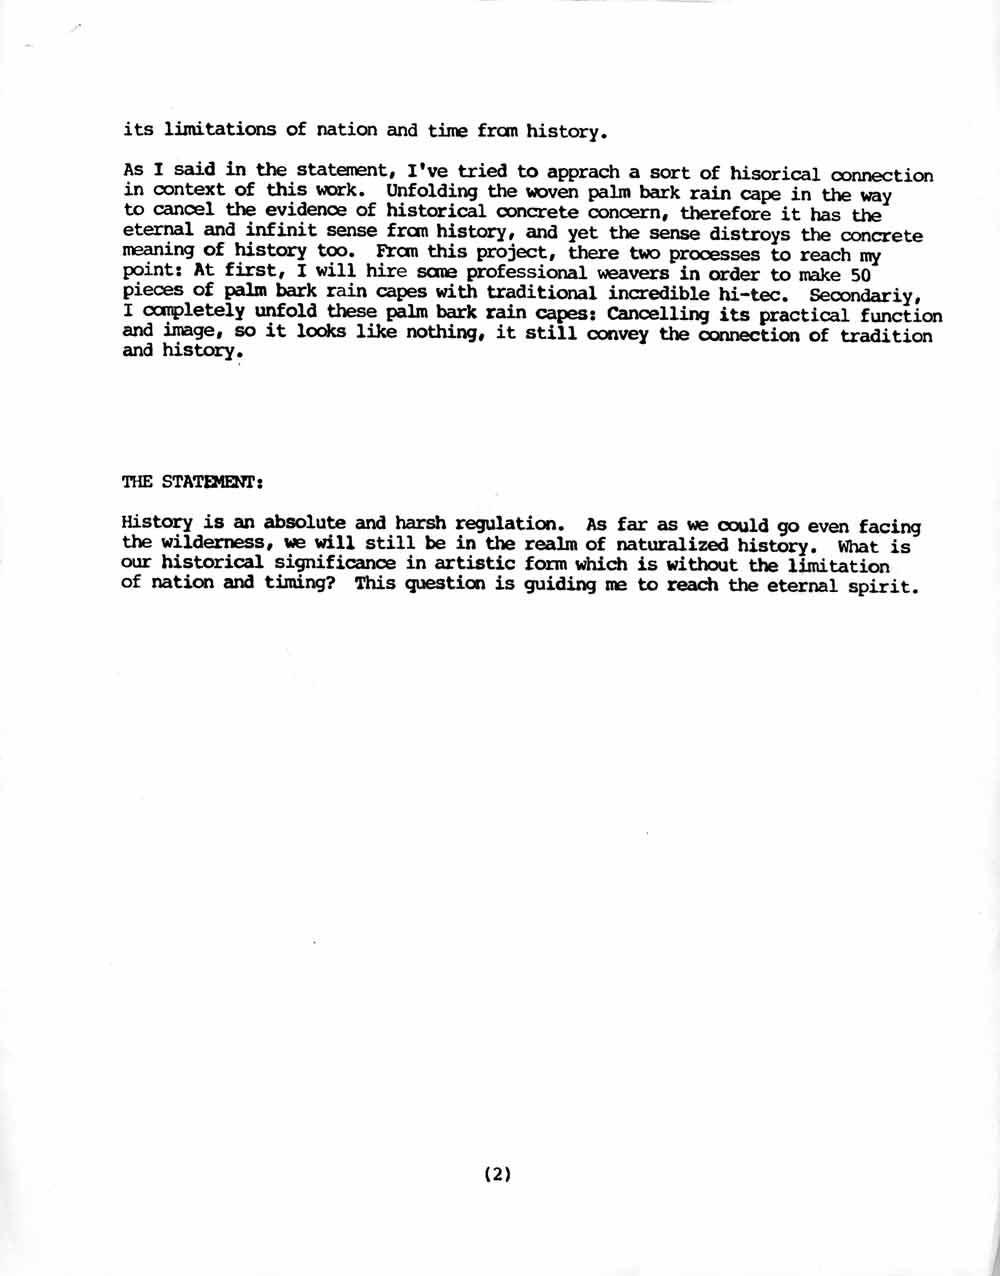 Wenda Gu proposal, pg 2